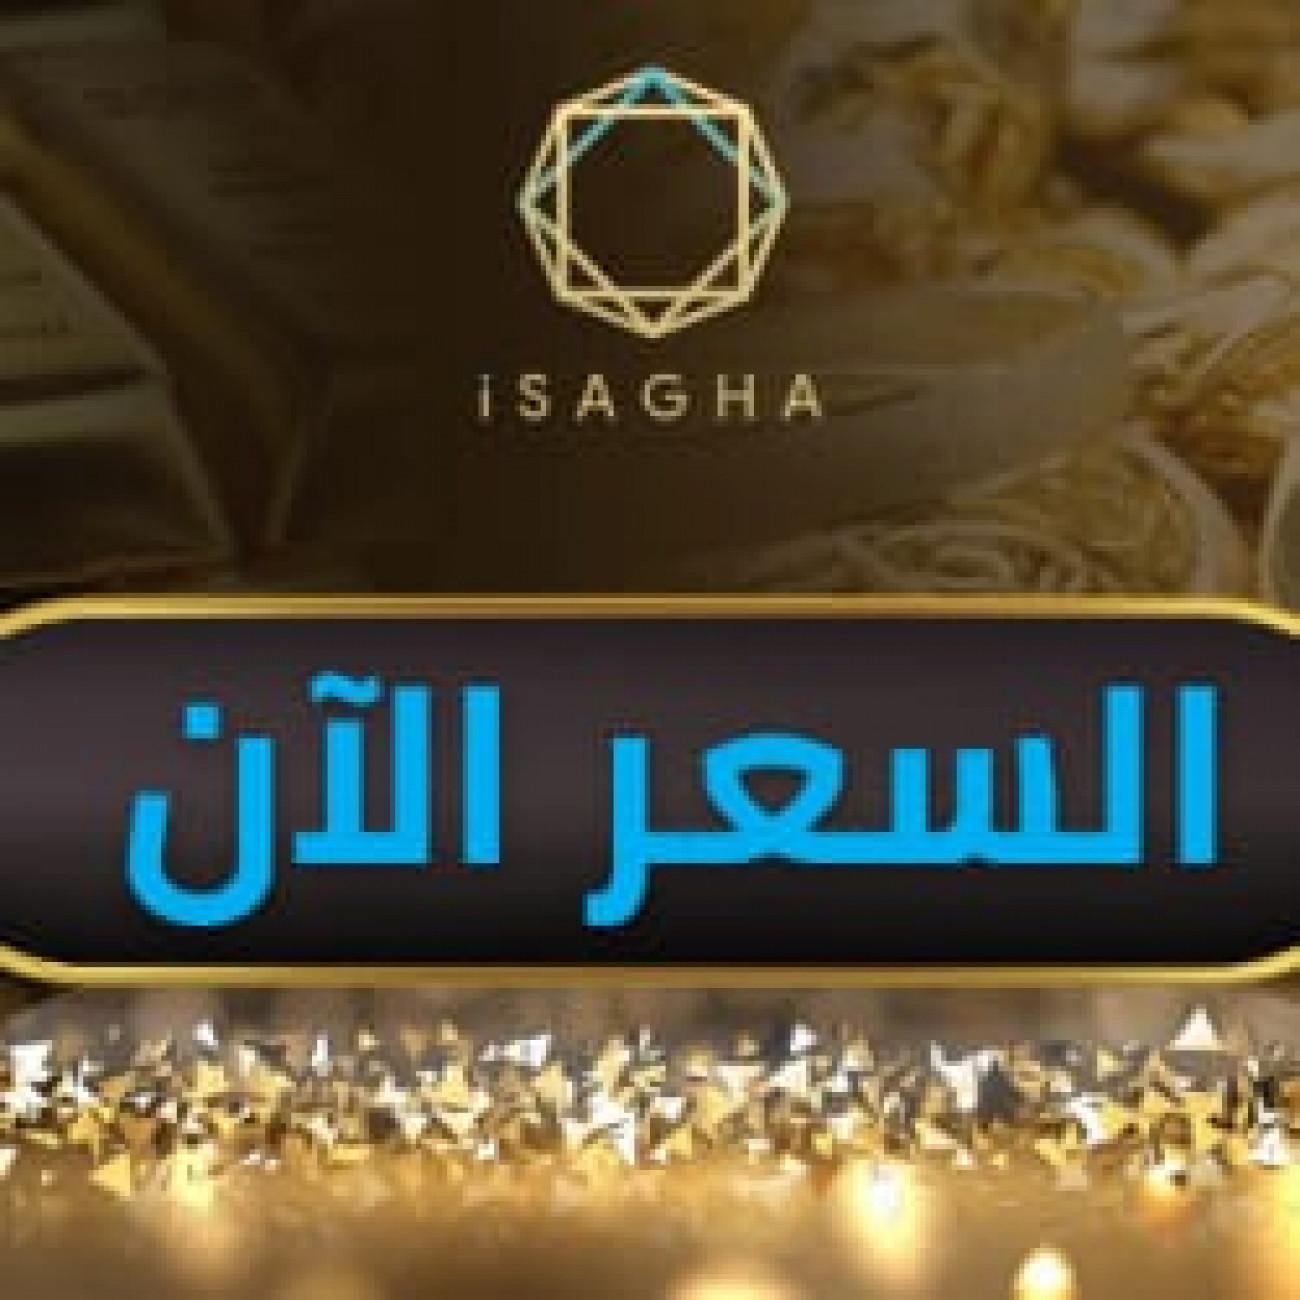 اسعار الذهب فى مصر الخميس 28/1/2021